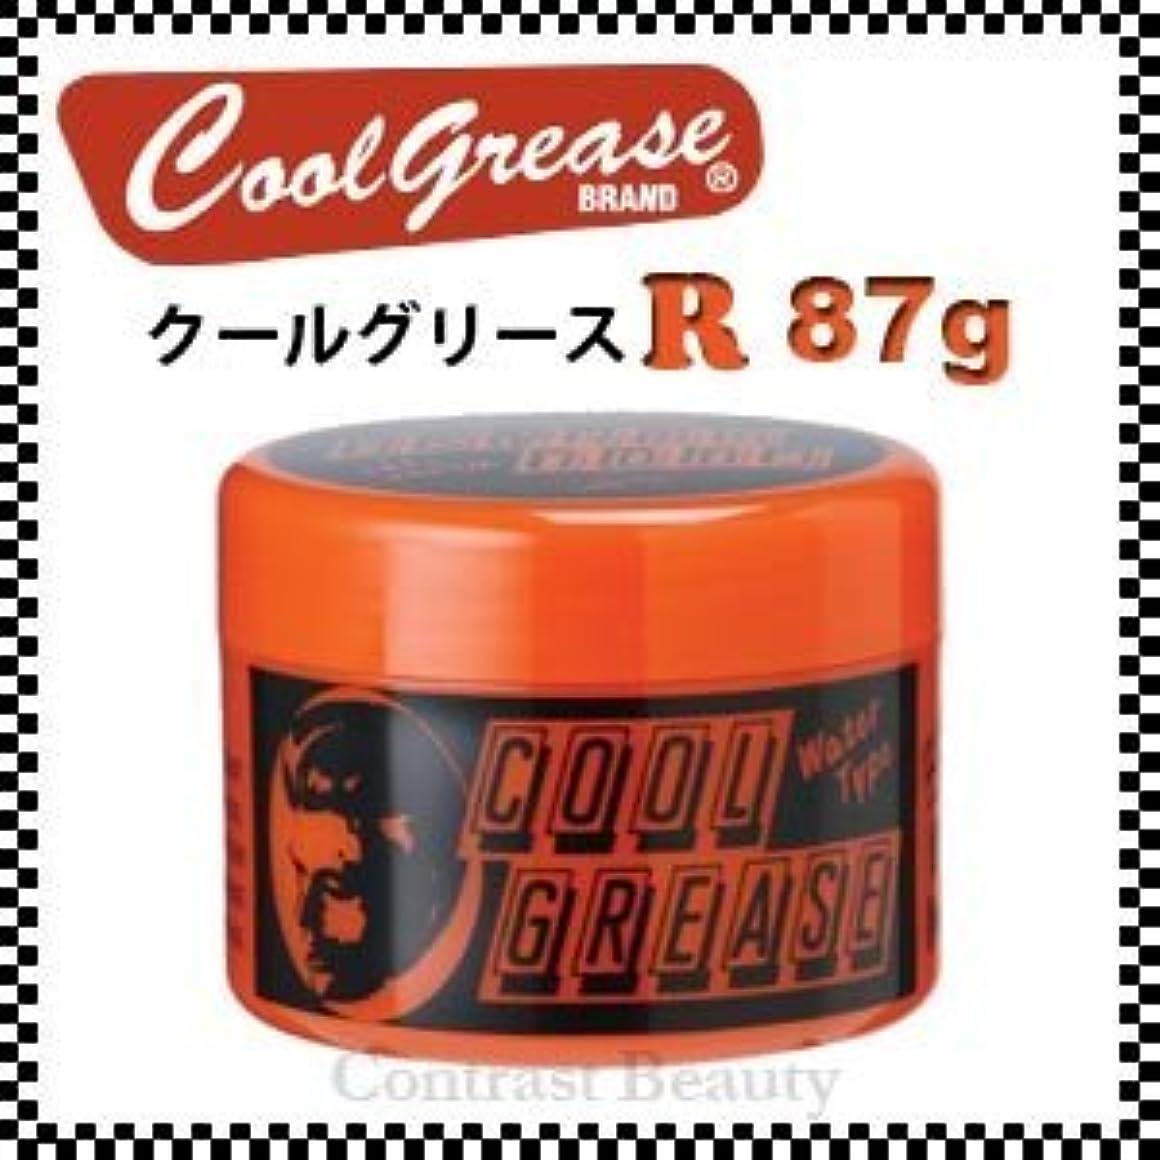 に沿って混雑ファンネルウェブスパイダー阪本高生堂 クールグリース R 87g